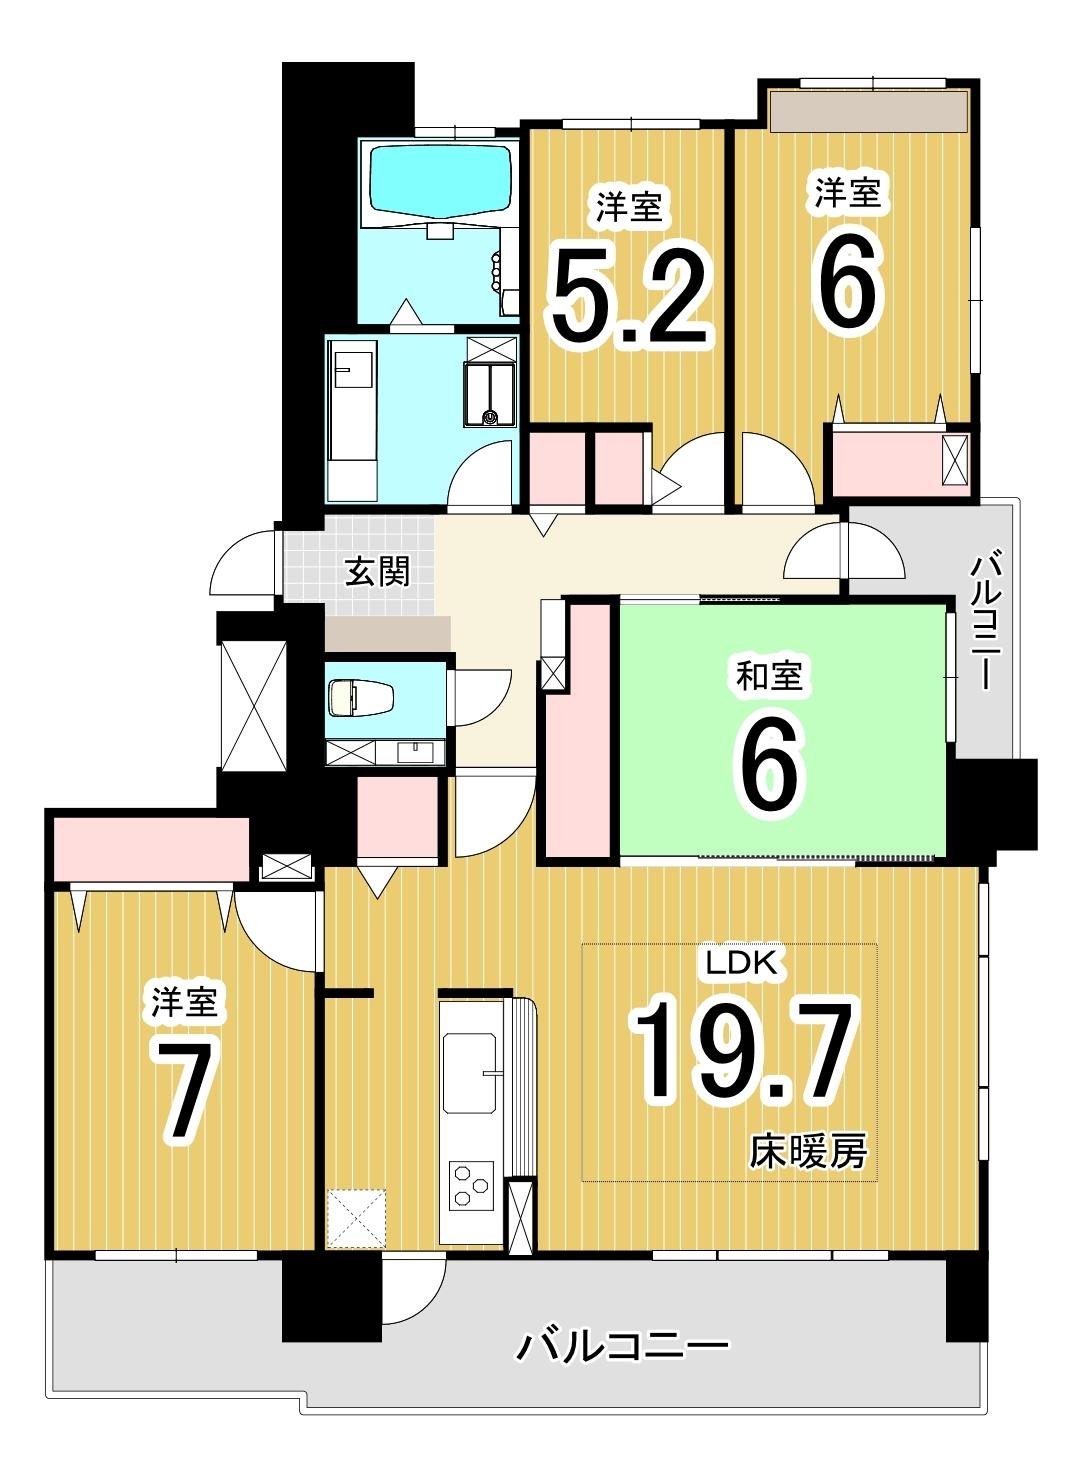 ラピス山鼻14条/札幌市中央区 画像3